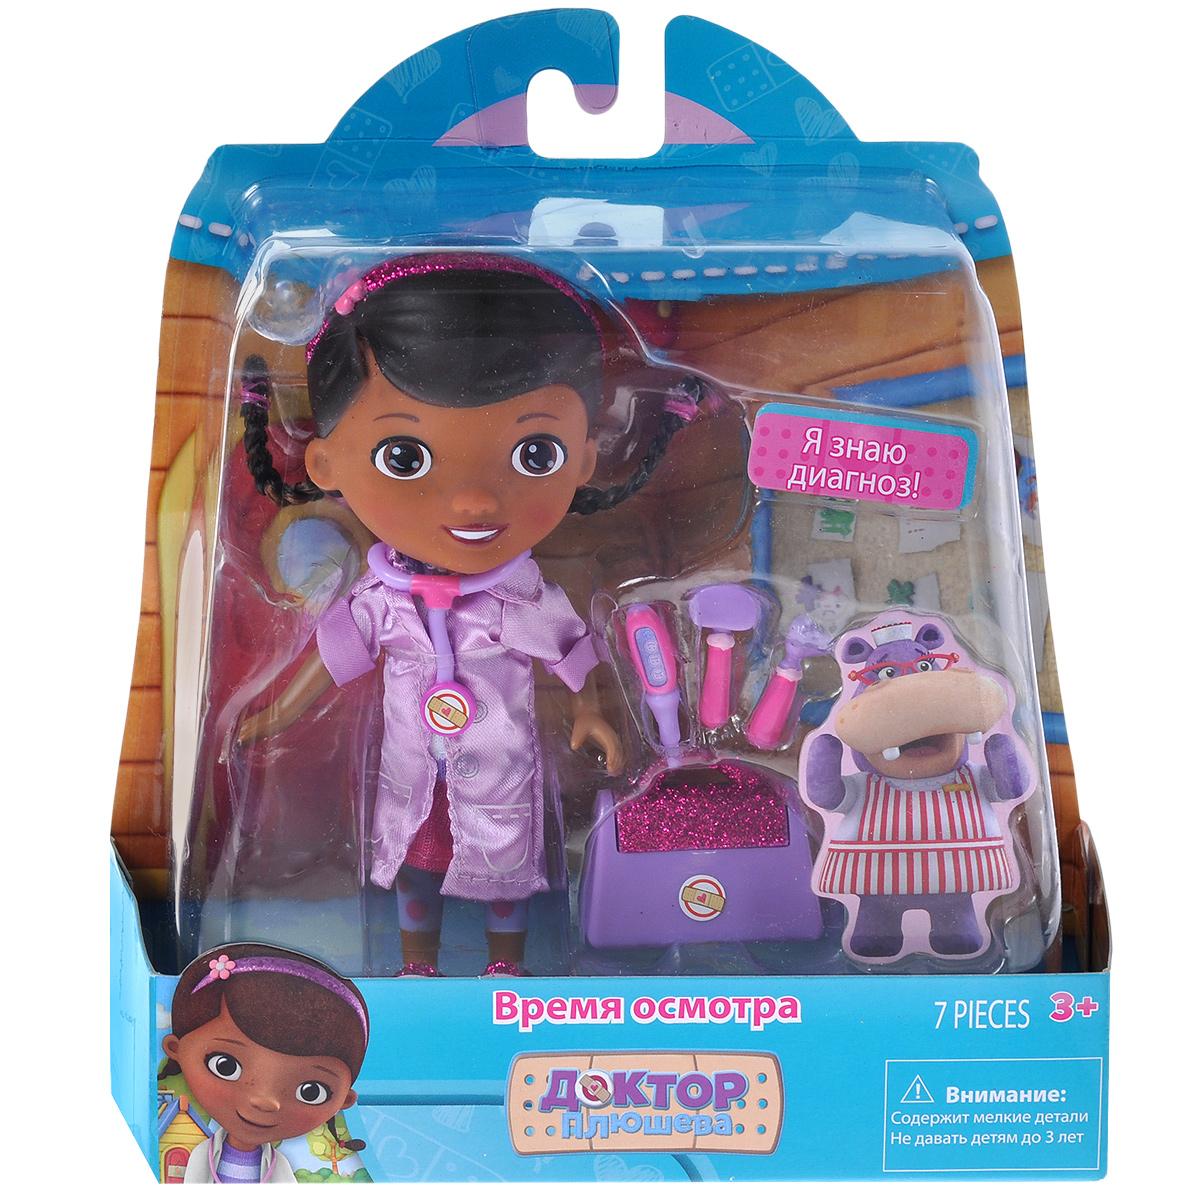 Доктор Плюшева Игровой набор с куклой Время осмотра цвет халата сиреневый90045Кукла Disney Доктор Плюшева. Время осмотра привлечет внимание вашей малышки и подарит много часов, посвященных игре с ней. Она выполнена из пластика и пластизоля в виде персонажа популярного мультсериала Доктор Плюшева - девочки Дотти. Она очень добрая, приветливая и всегда готова вылечить любую игрушку. Кукла одета в футболку, юбку и медицинский халатик. В комплект также входят четыре медицинских инструмента, чемоданчик доктора и картонная фигурка бегемотихи. Игра с куклой разовьет в вашей малышке тактильную чувствительность и воображение, а также чувство ответственности и заботы. Порадуйте свою принцессу таким великолепным подарком!